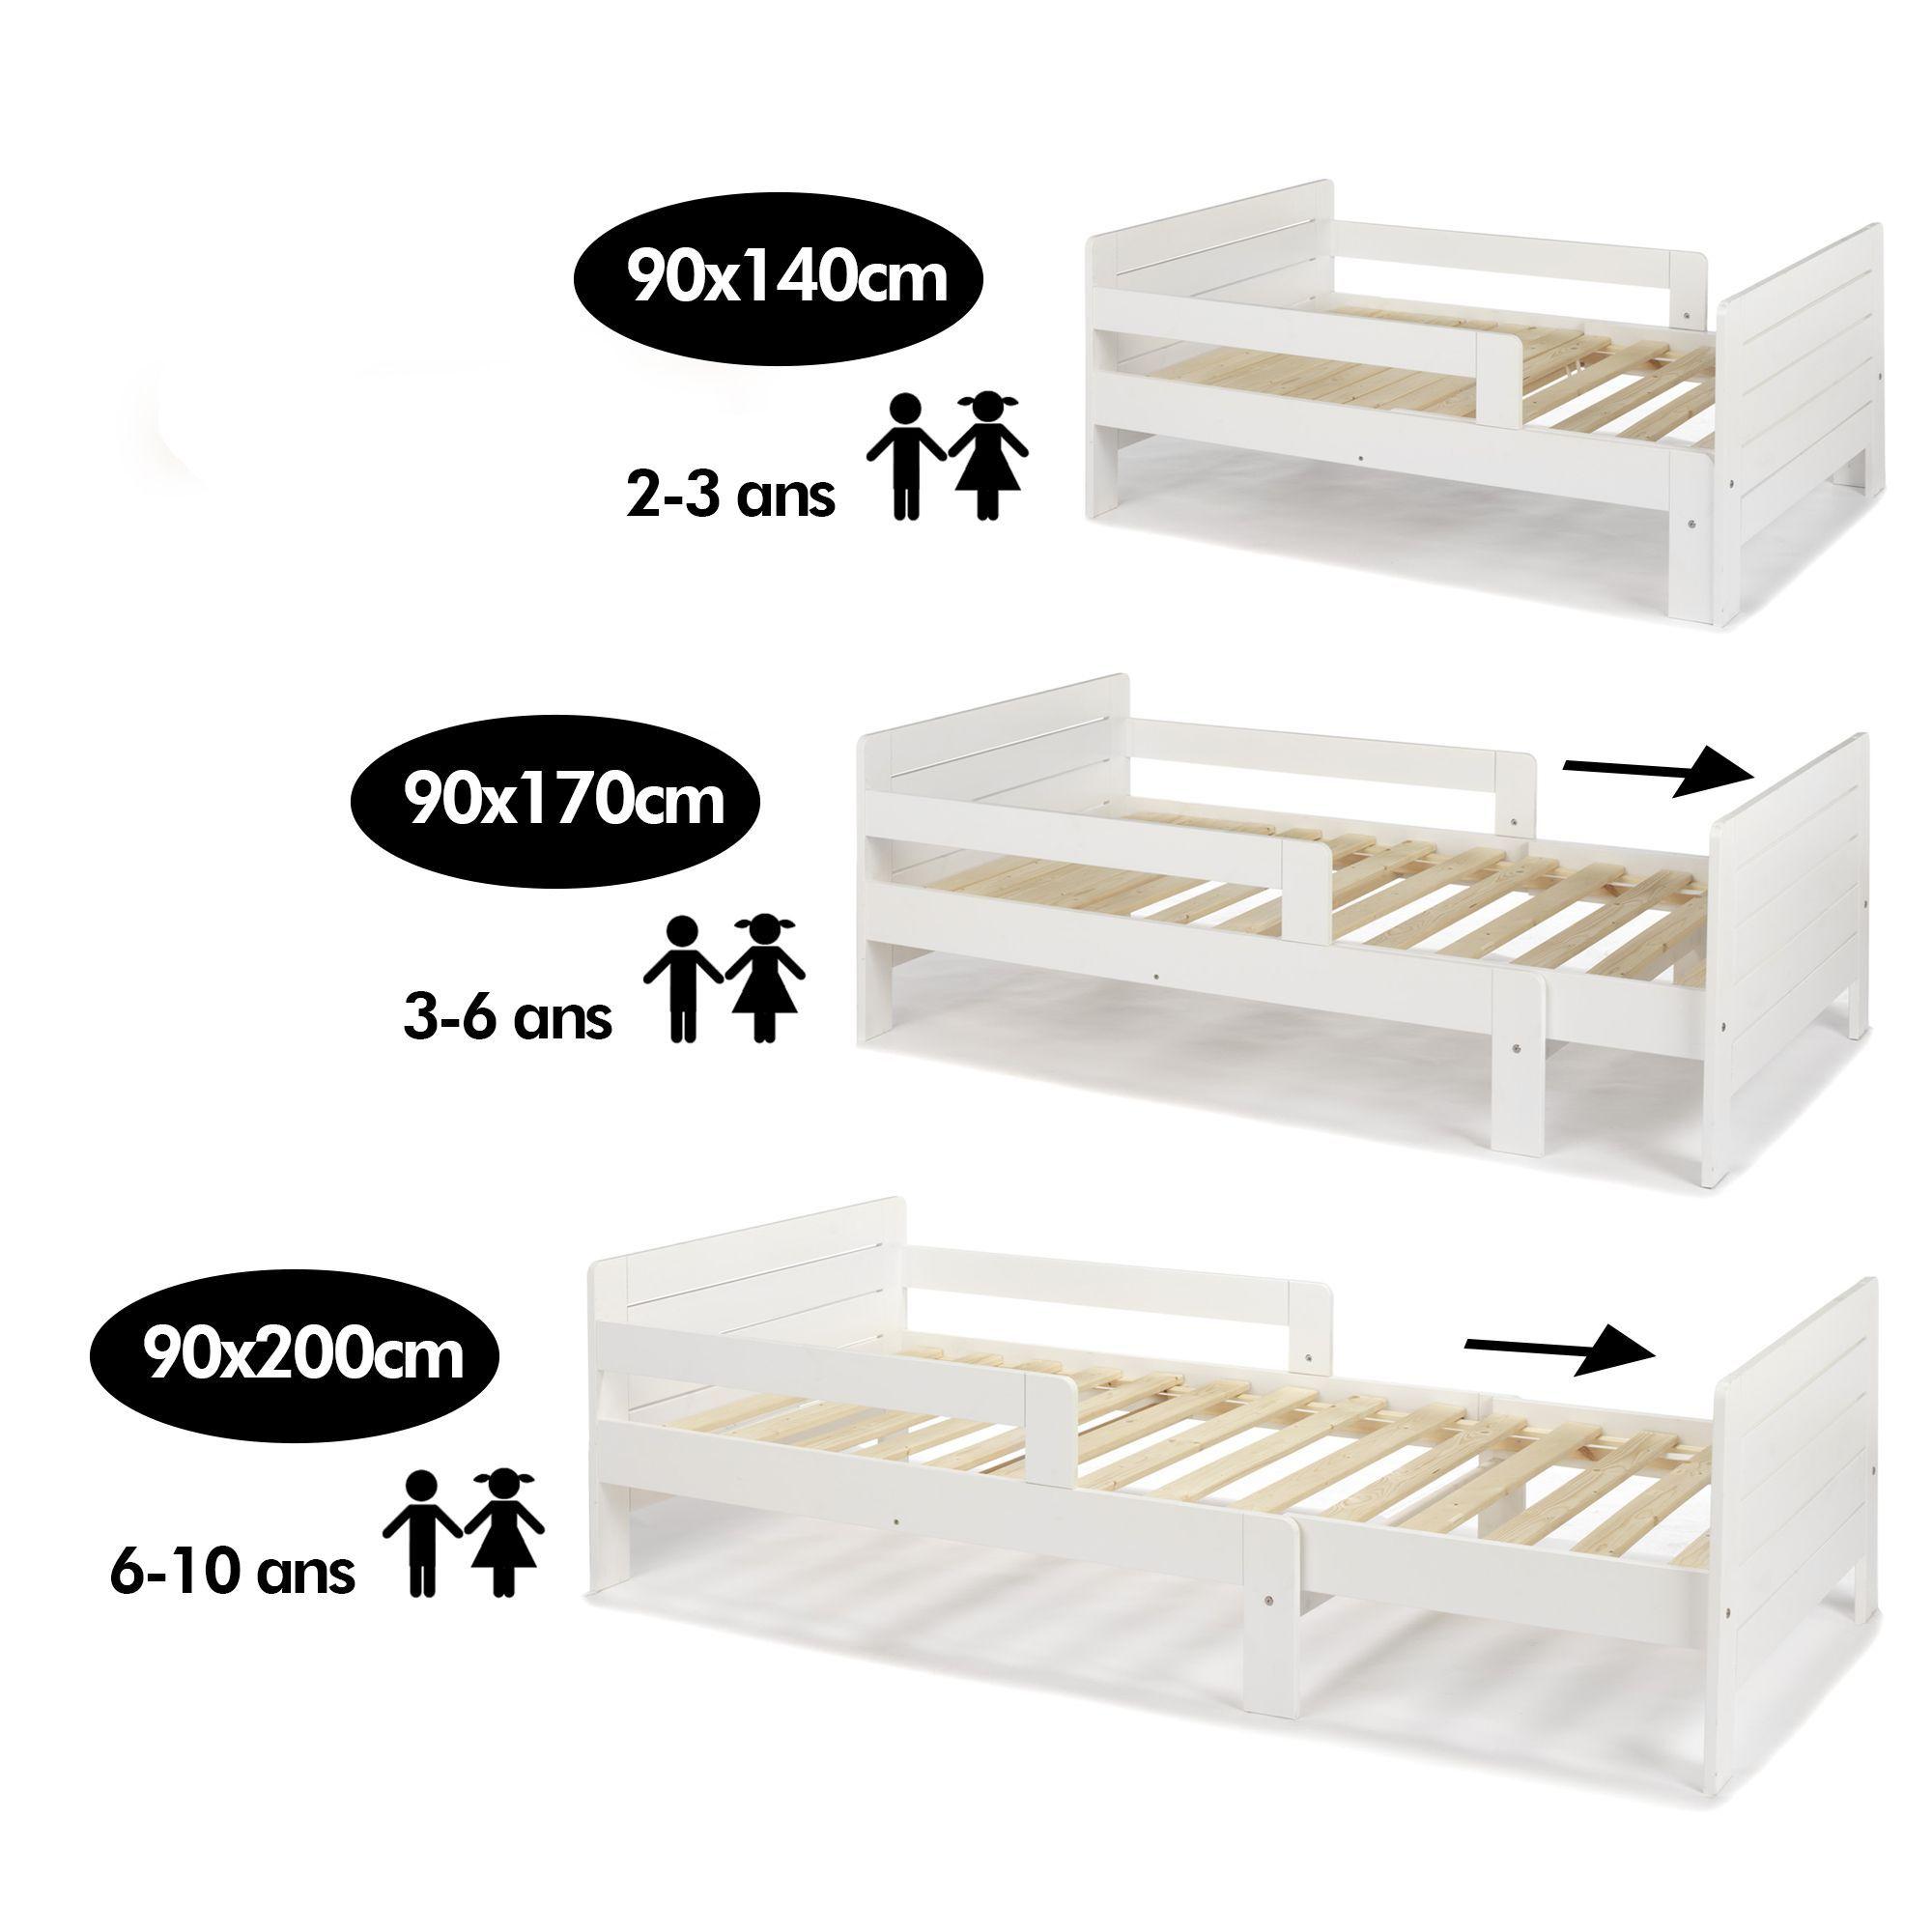 lit volutif 3 positions pour enfant lilou alinea chambre bb pinterest lit volutif. Black Bedroom Furniture Sets. Home Design Ideas